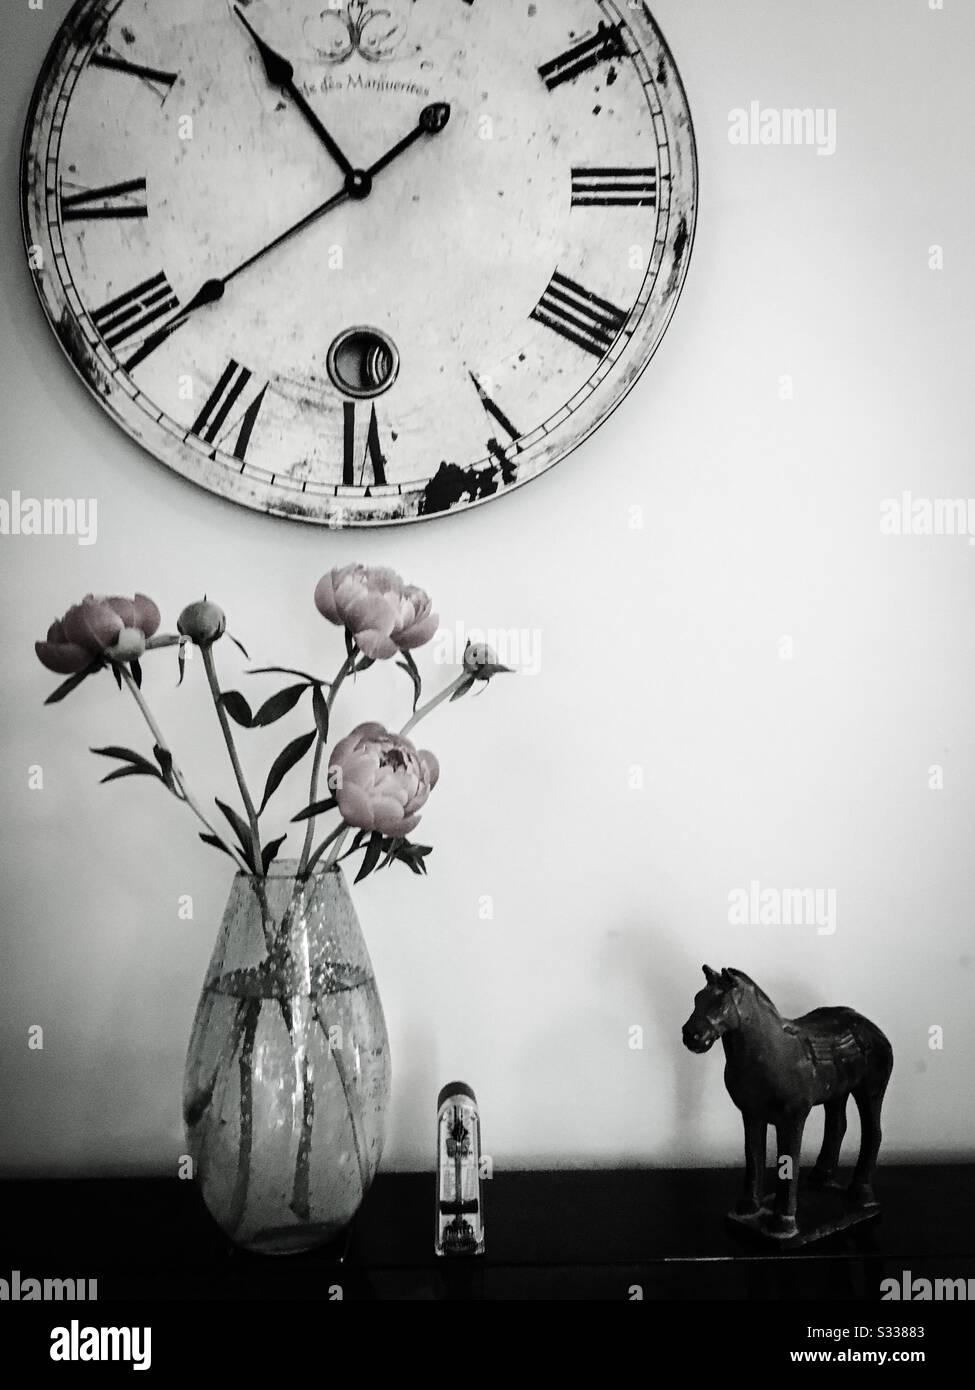 Une photographie de vie noire et blanche d'une horloge, un ornement oriental de cheval, un métronome et un vase de fleurs pivoines, tous placés sur un piano. Banque D'Images